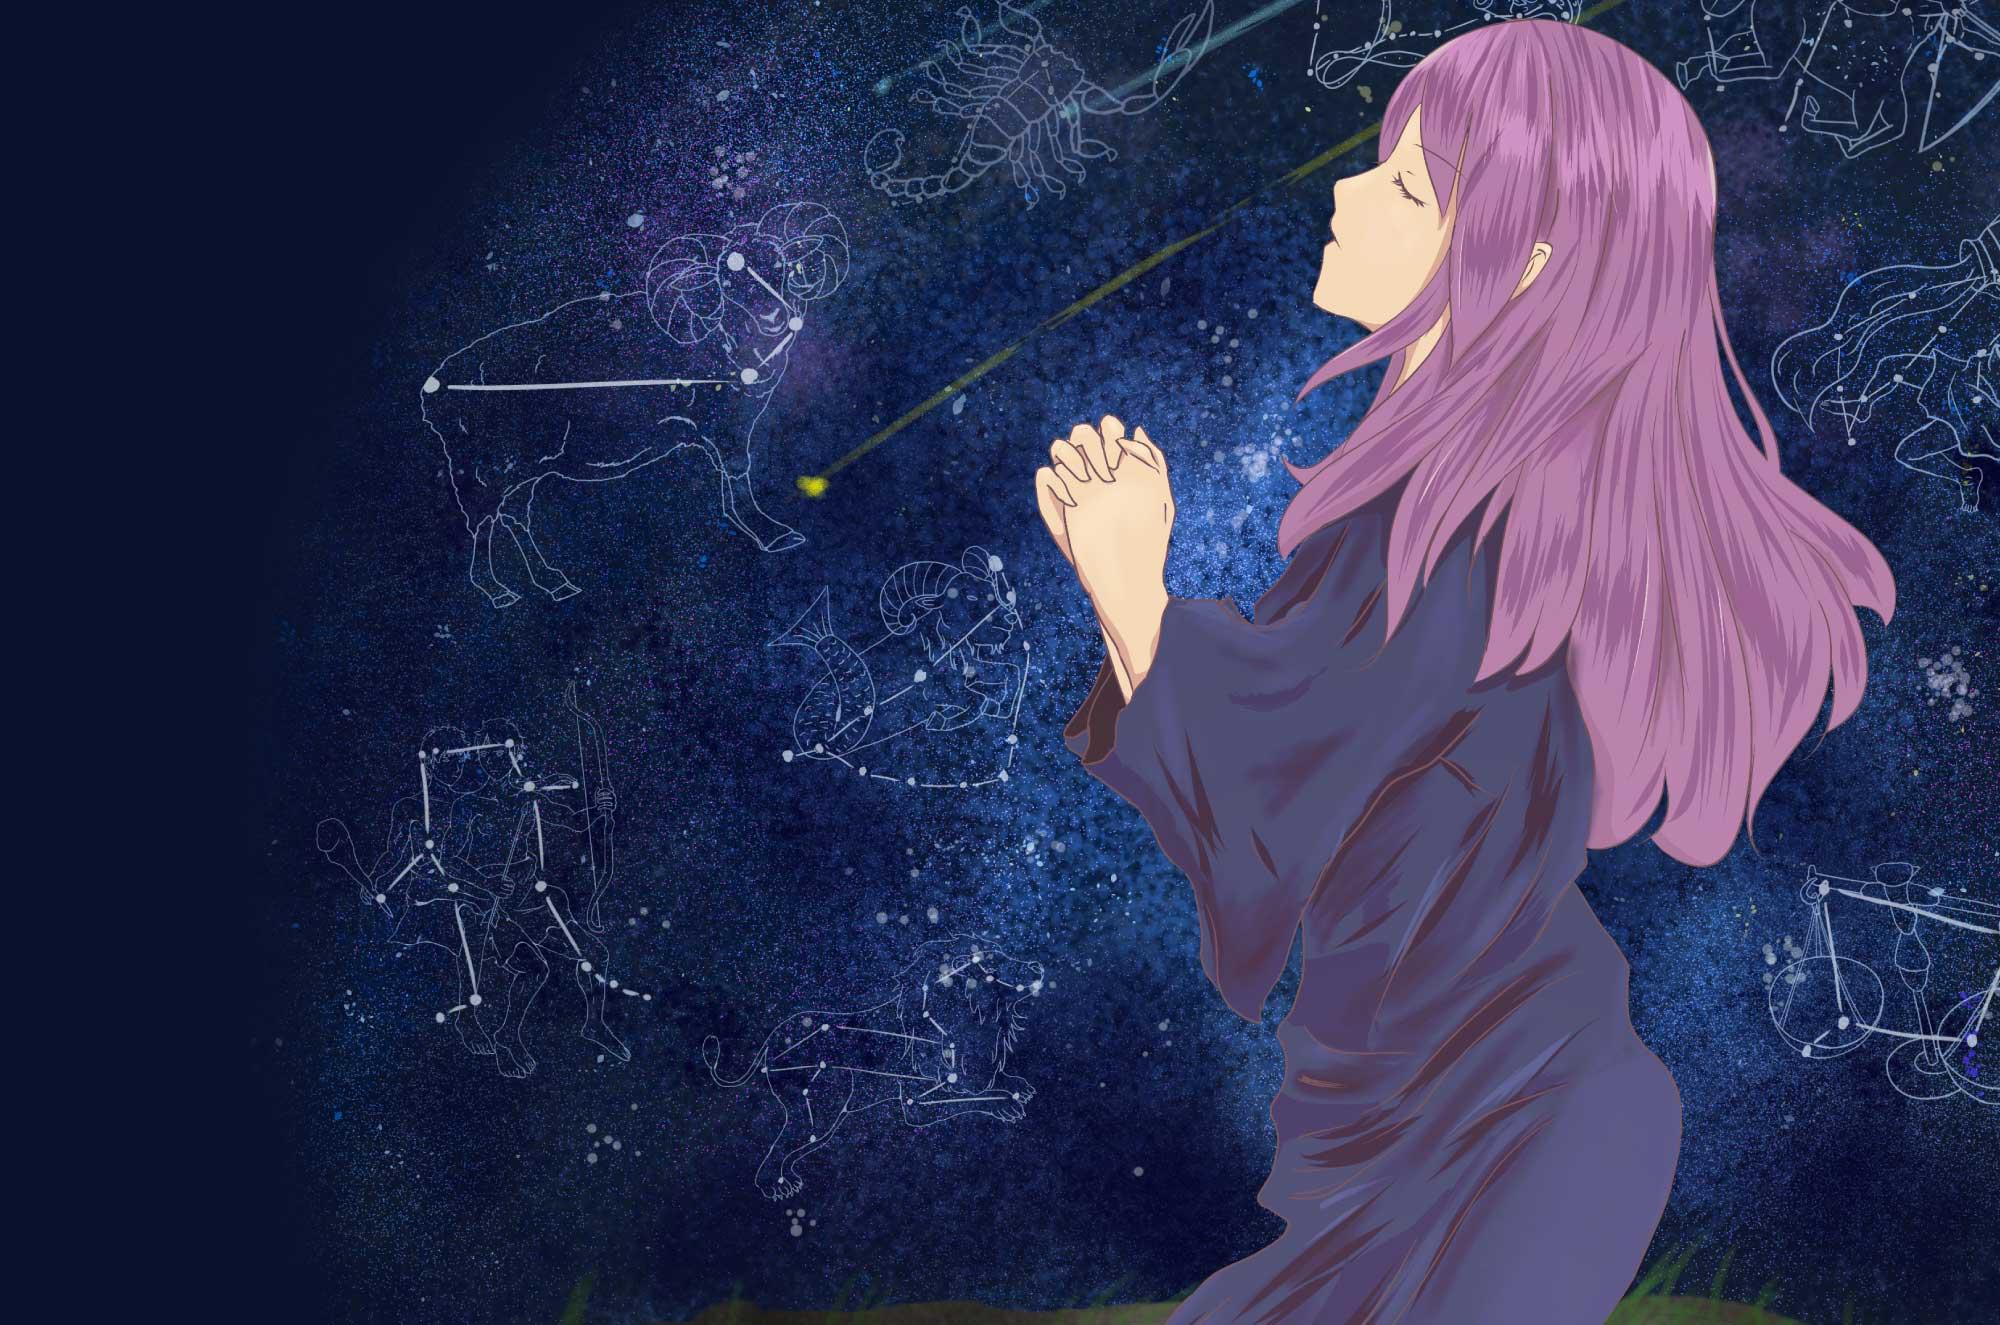 占星術師のフリーイラスト - 星座占いの不思議な職業